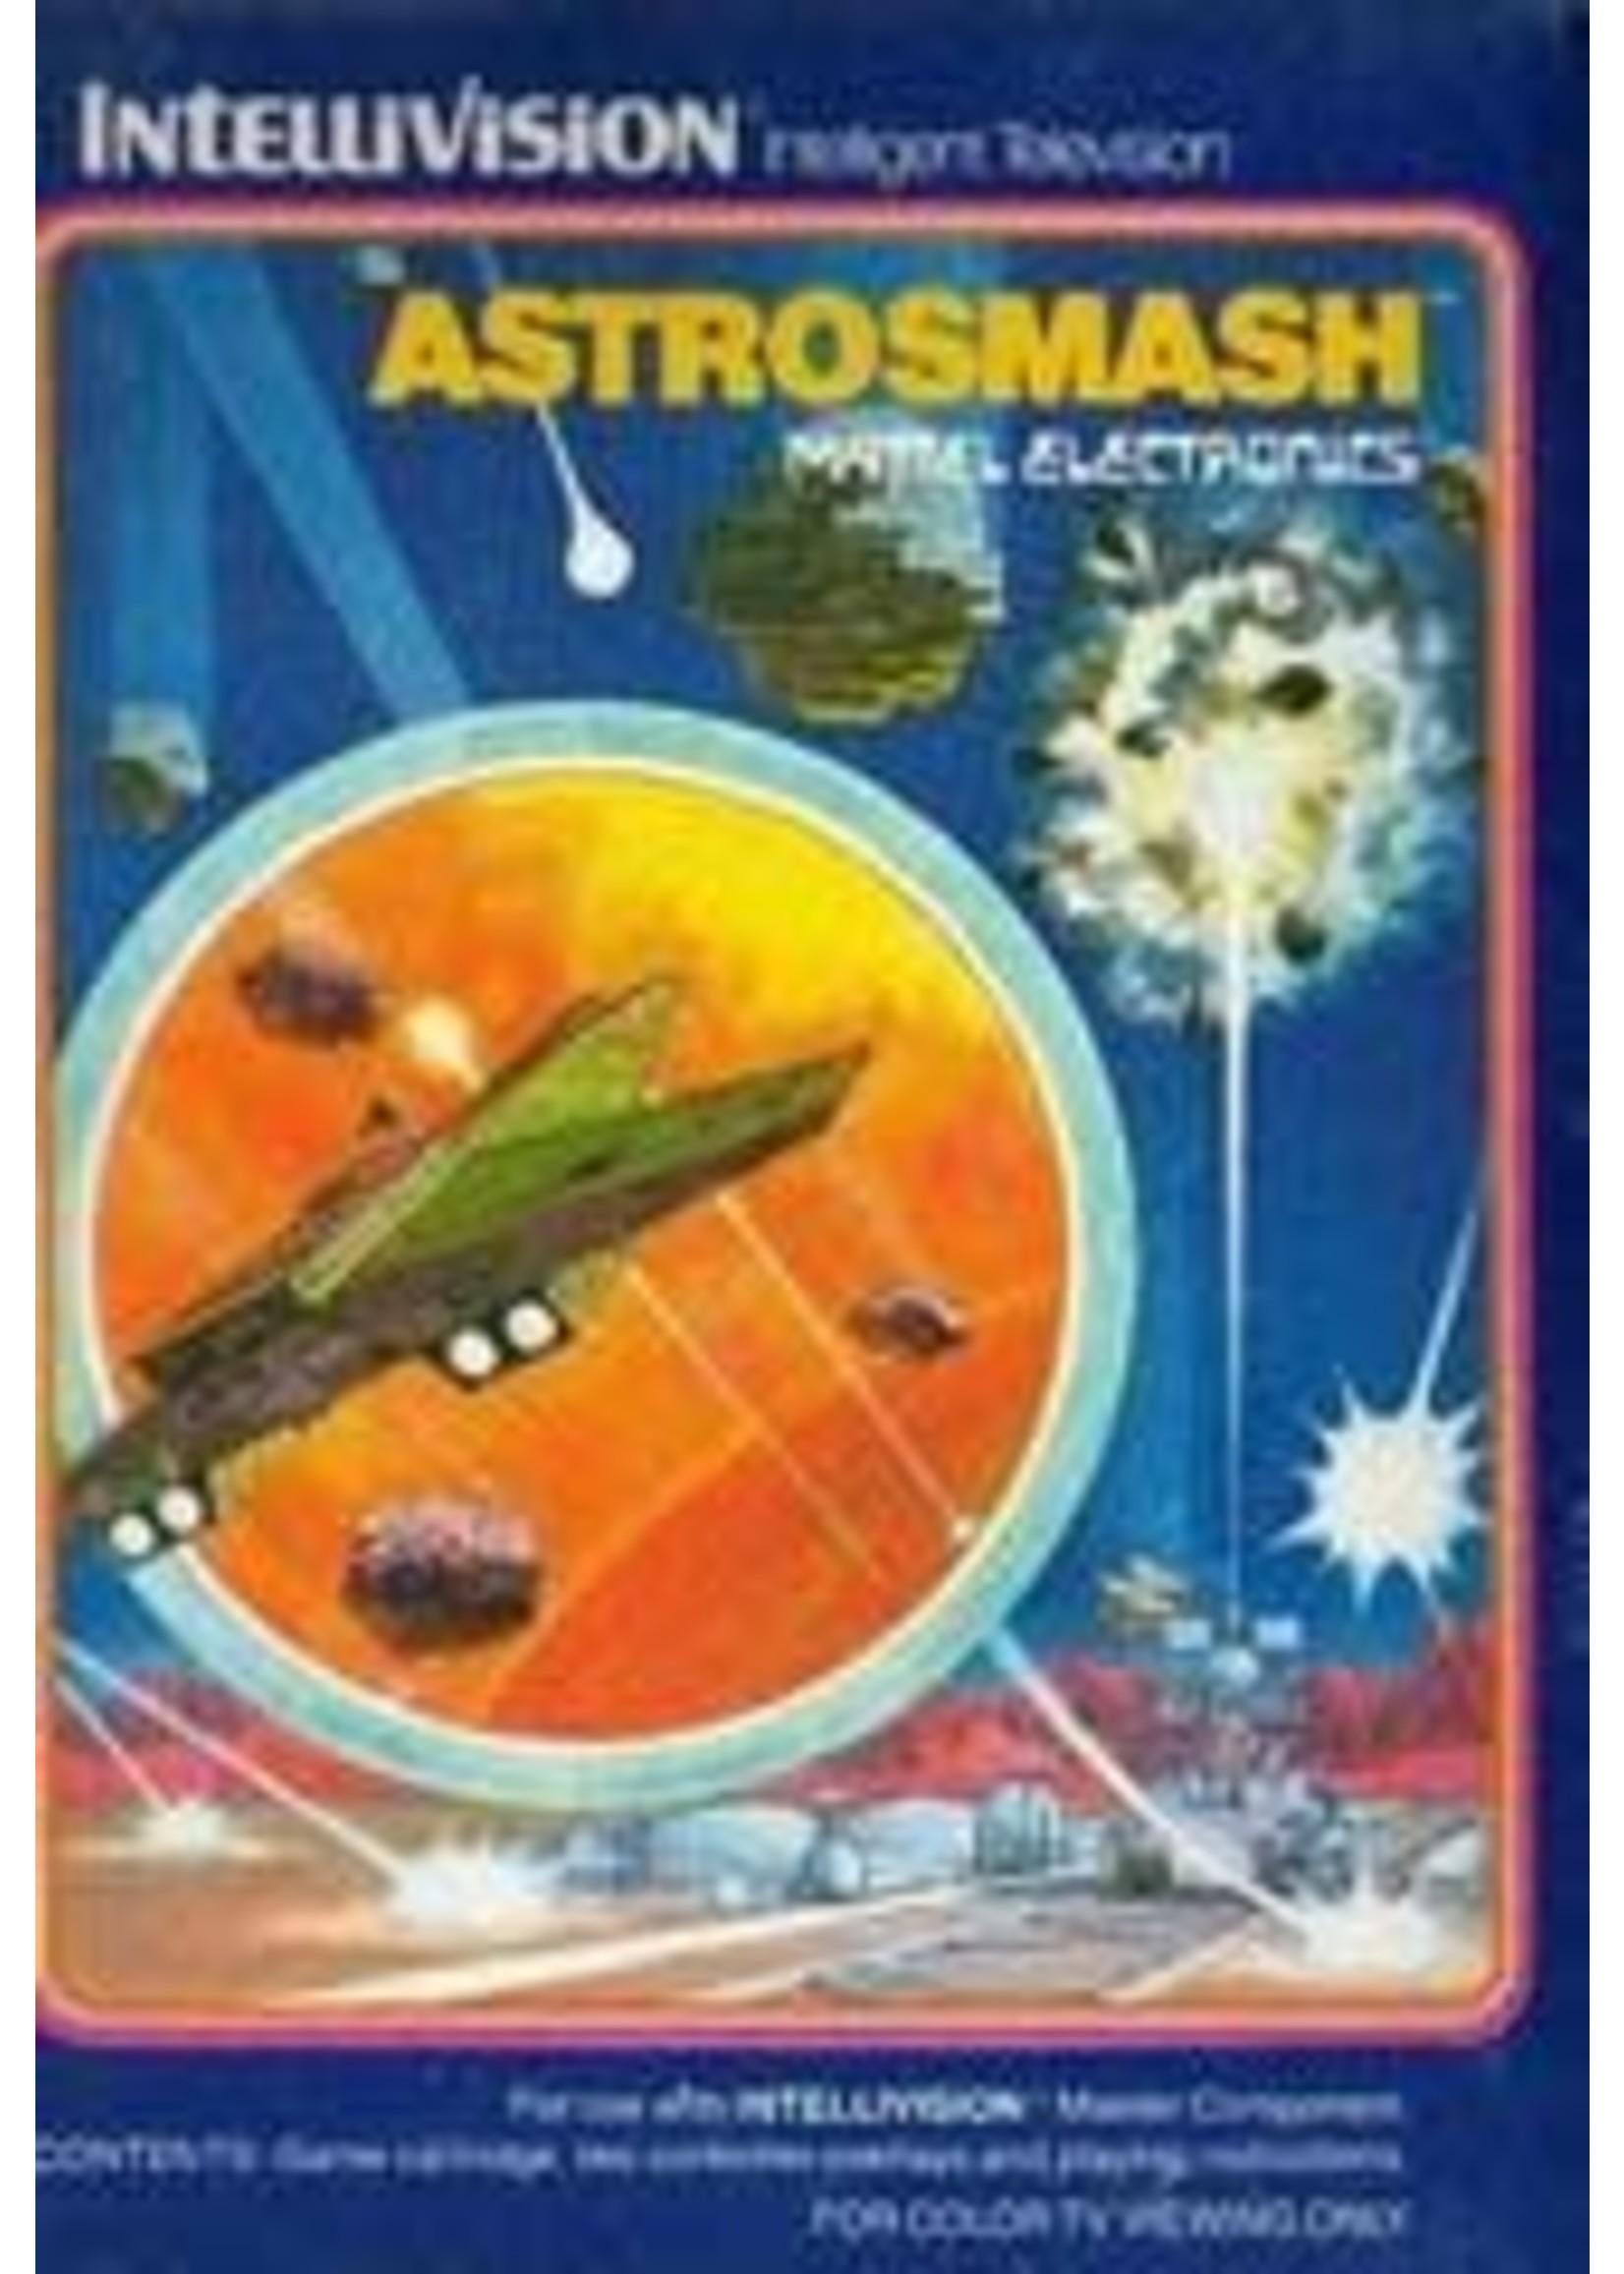 Astrosmash Intellivision